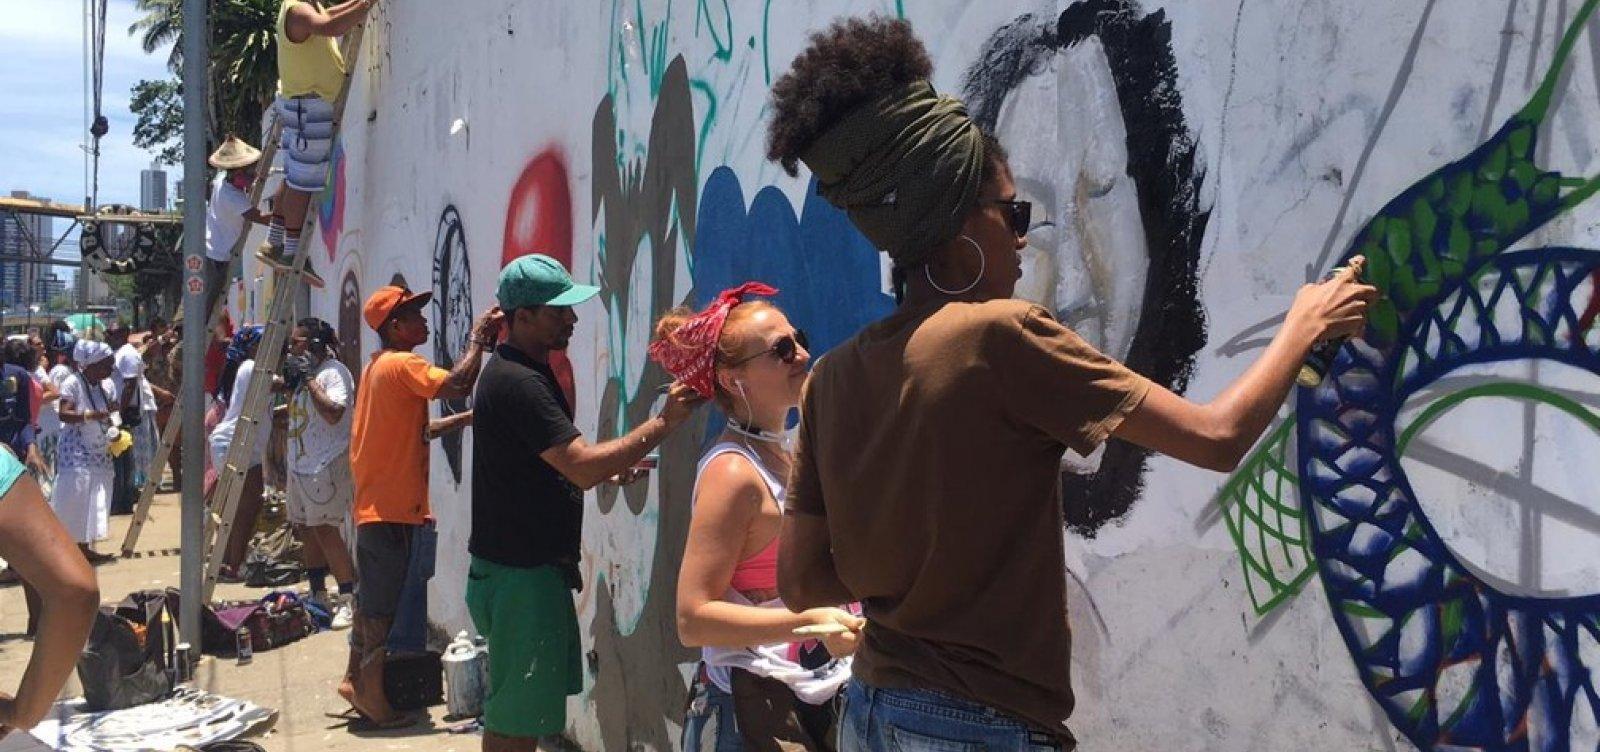 [Em protesto a pichações, artistas e integrantes do candomblé pintam muro de terreiro em Salvador]